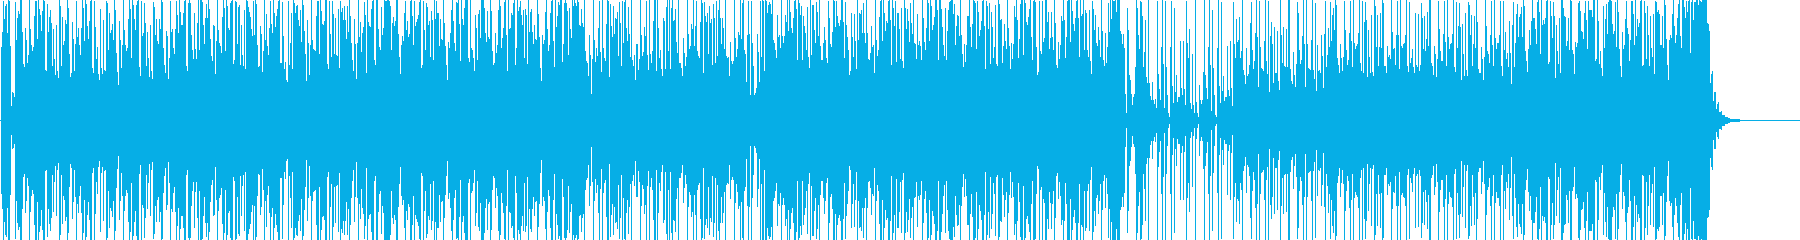 ダンス・アメコミのイメージに合うファンクの再生済みの波形